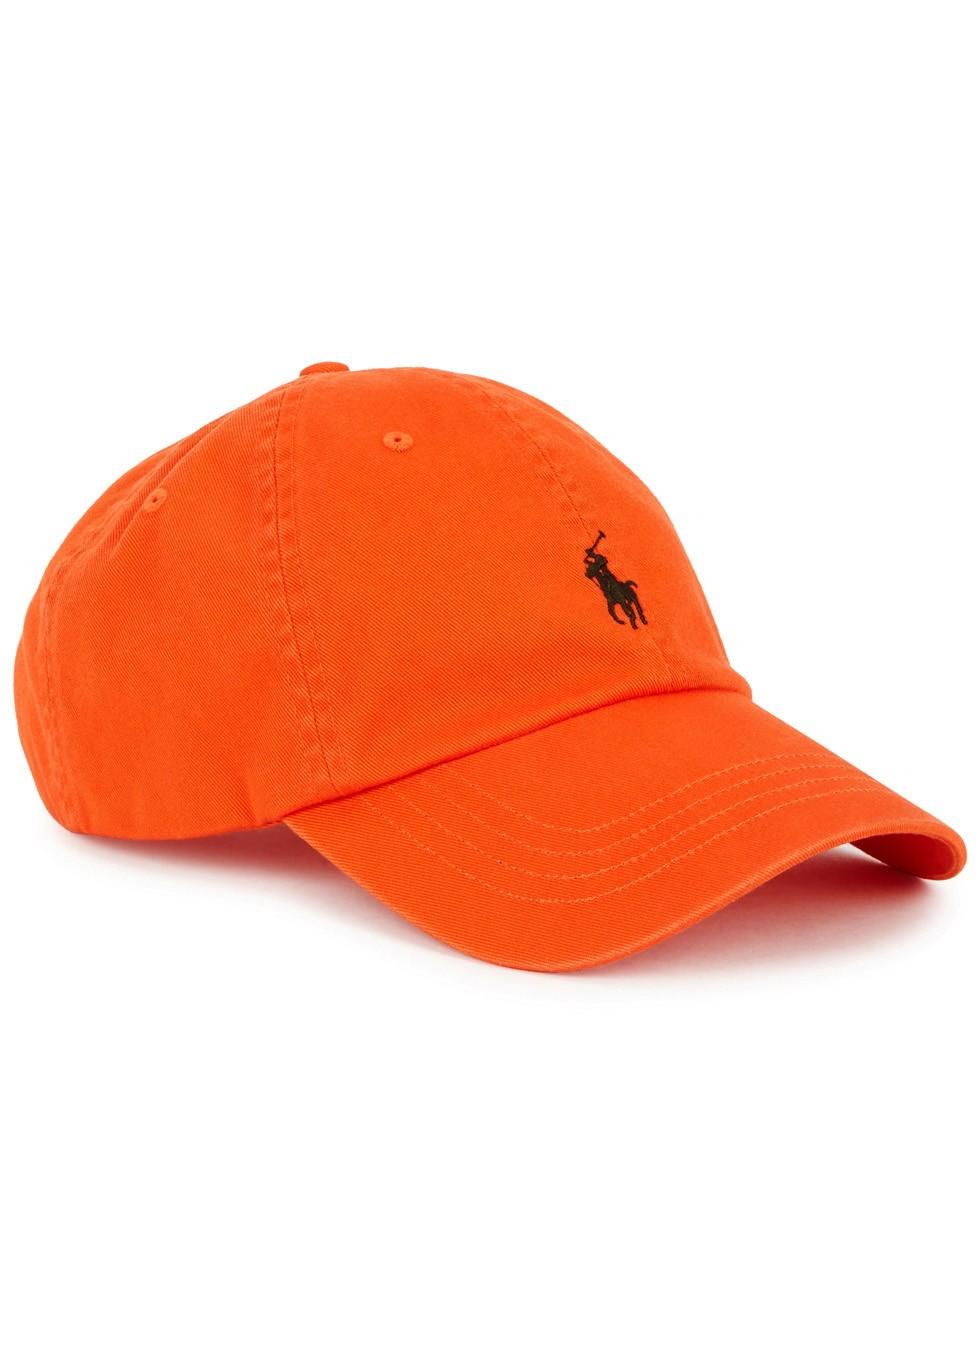 601165_orange_1